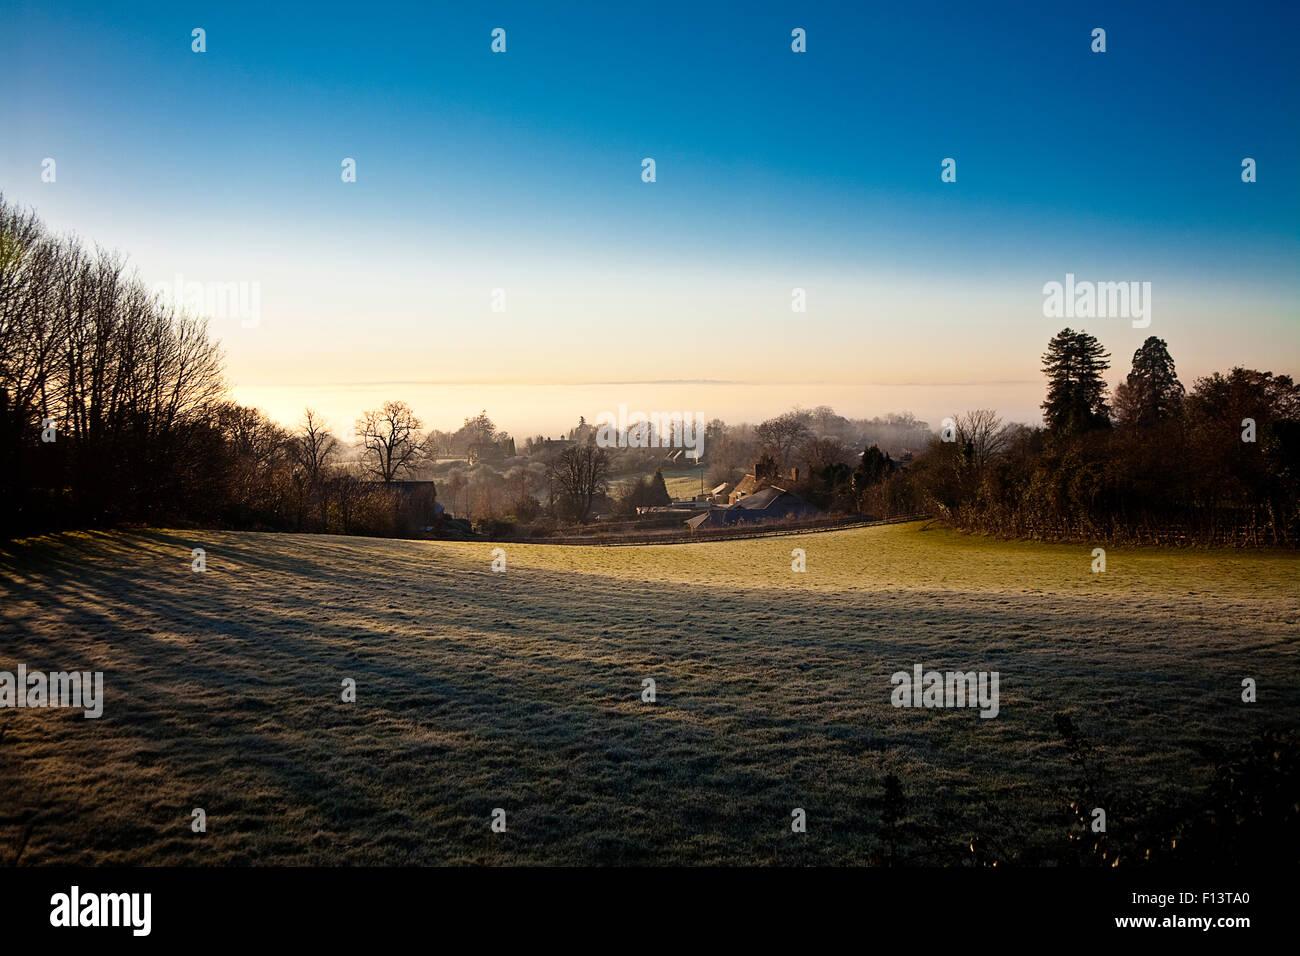 Vista sud oltre il Weald di Kent a Crockham Hill, vicino Oxted e Edenbridge in inverno Foto Stock